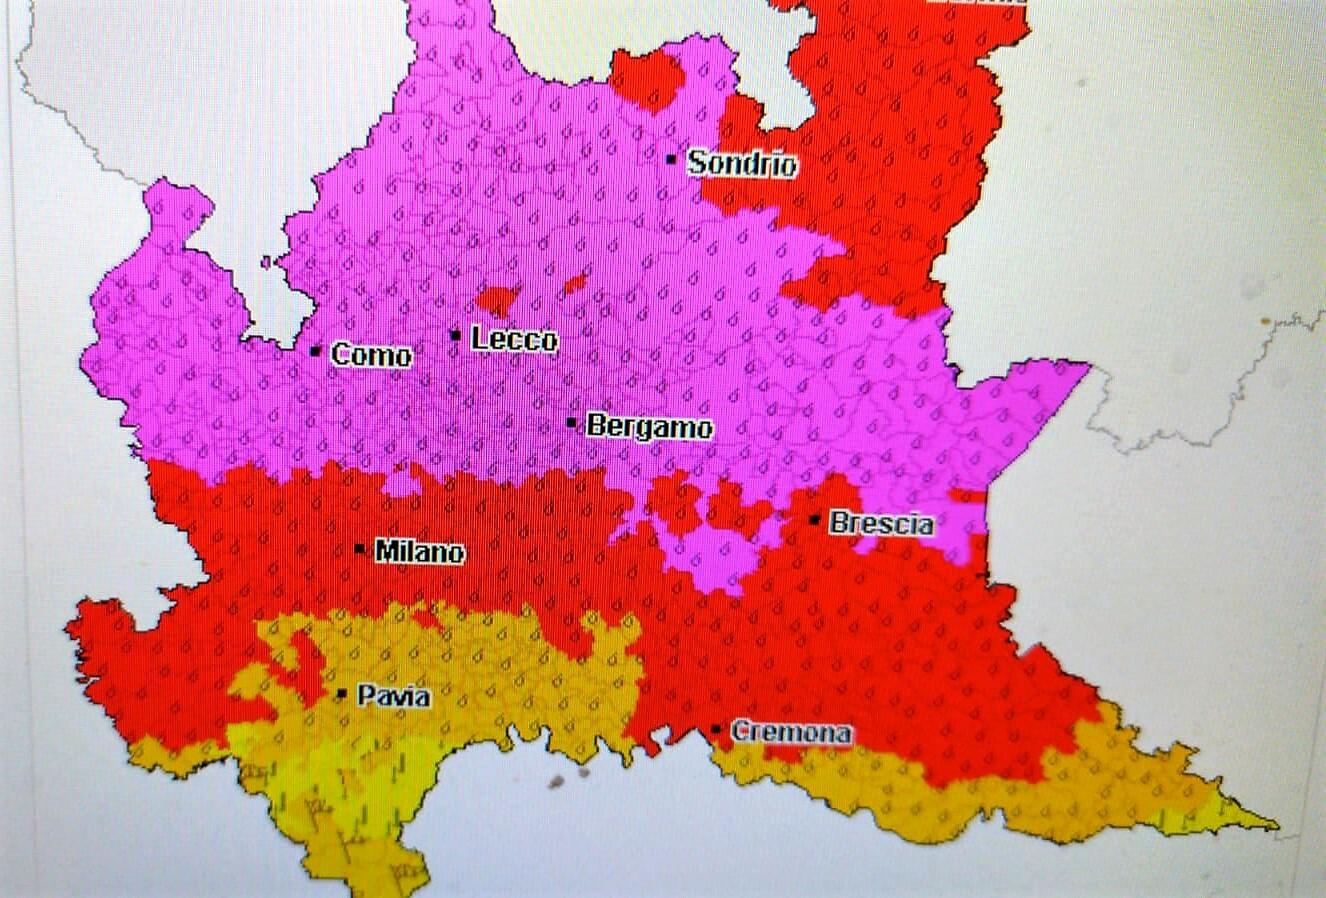 Allerta meteo viola, rossa e arancione e gialla-2